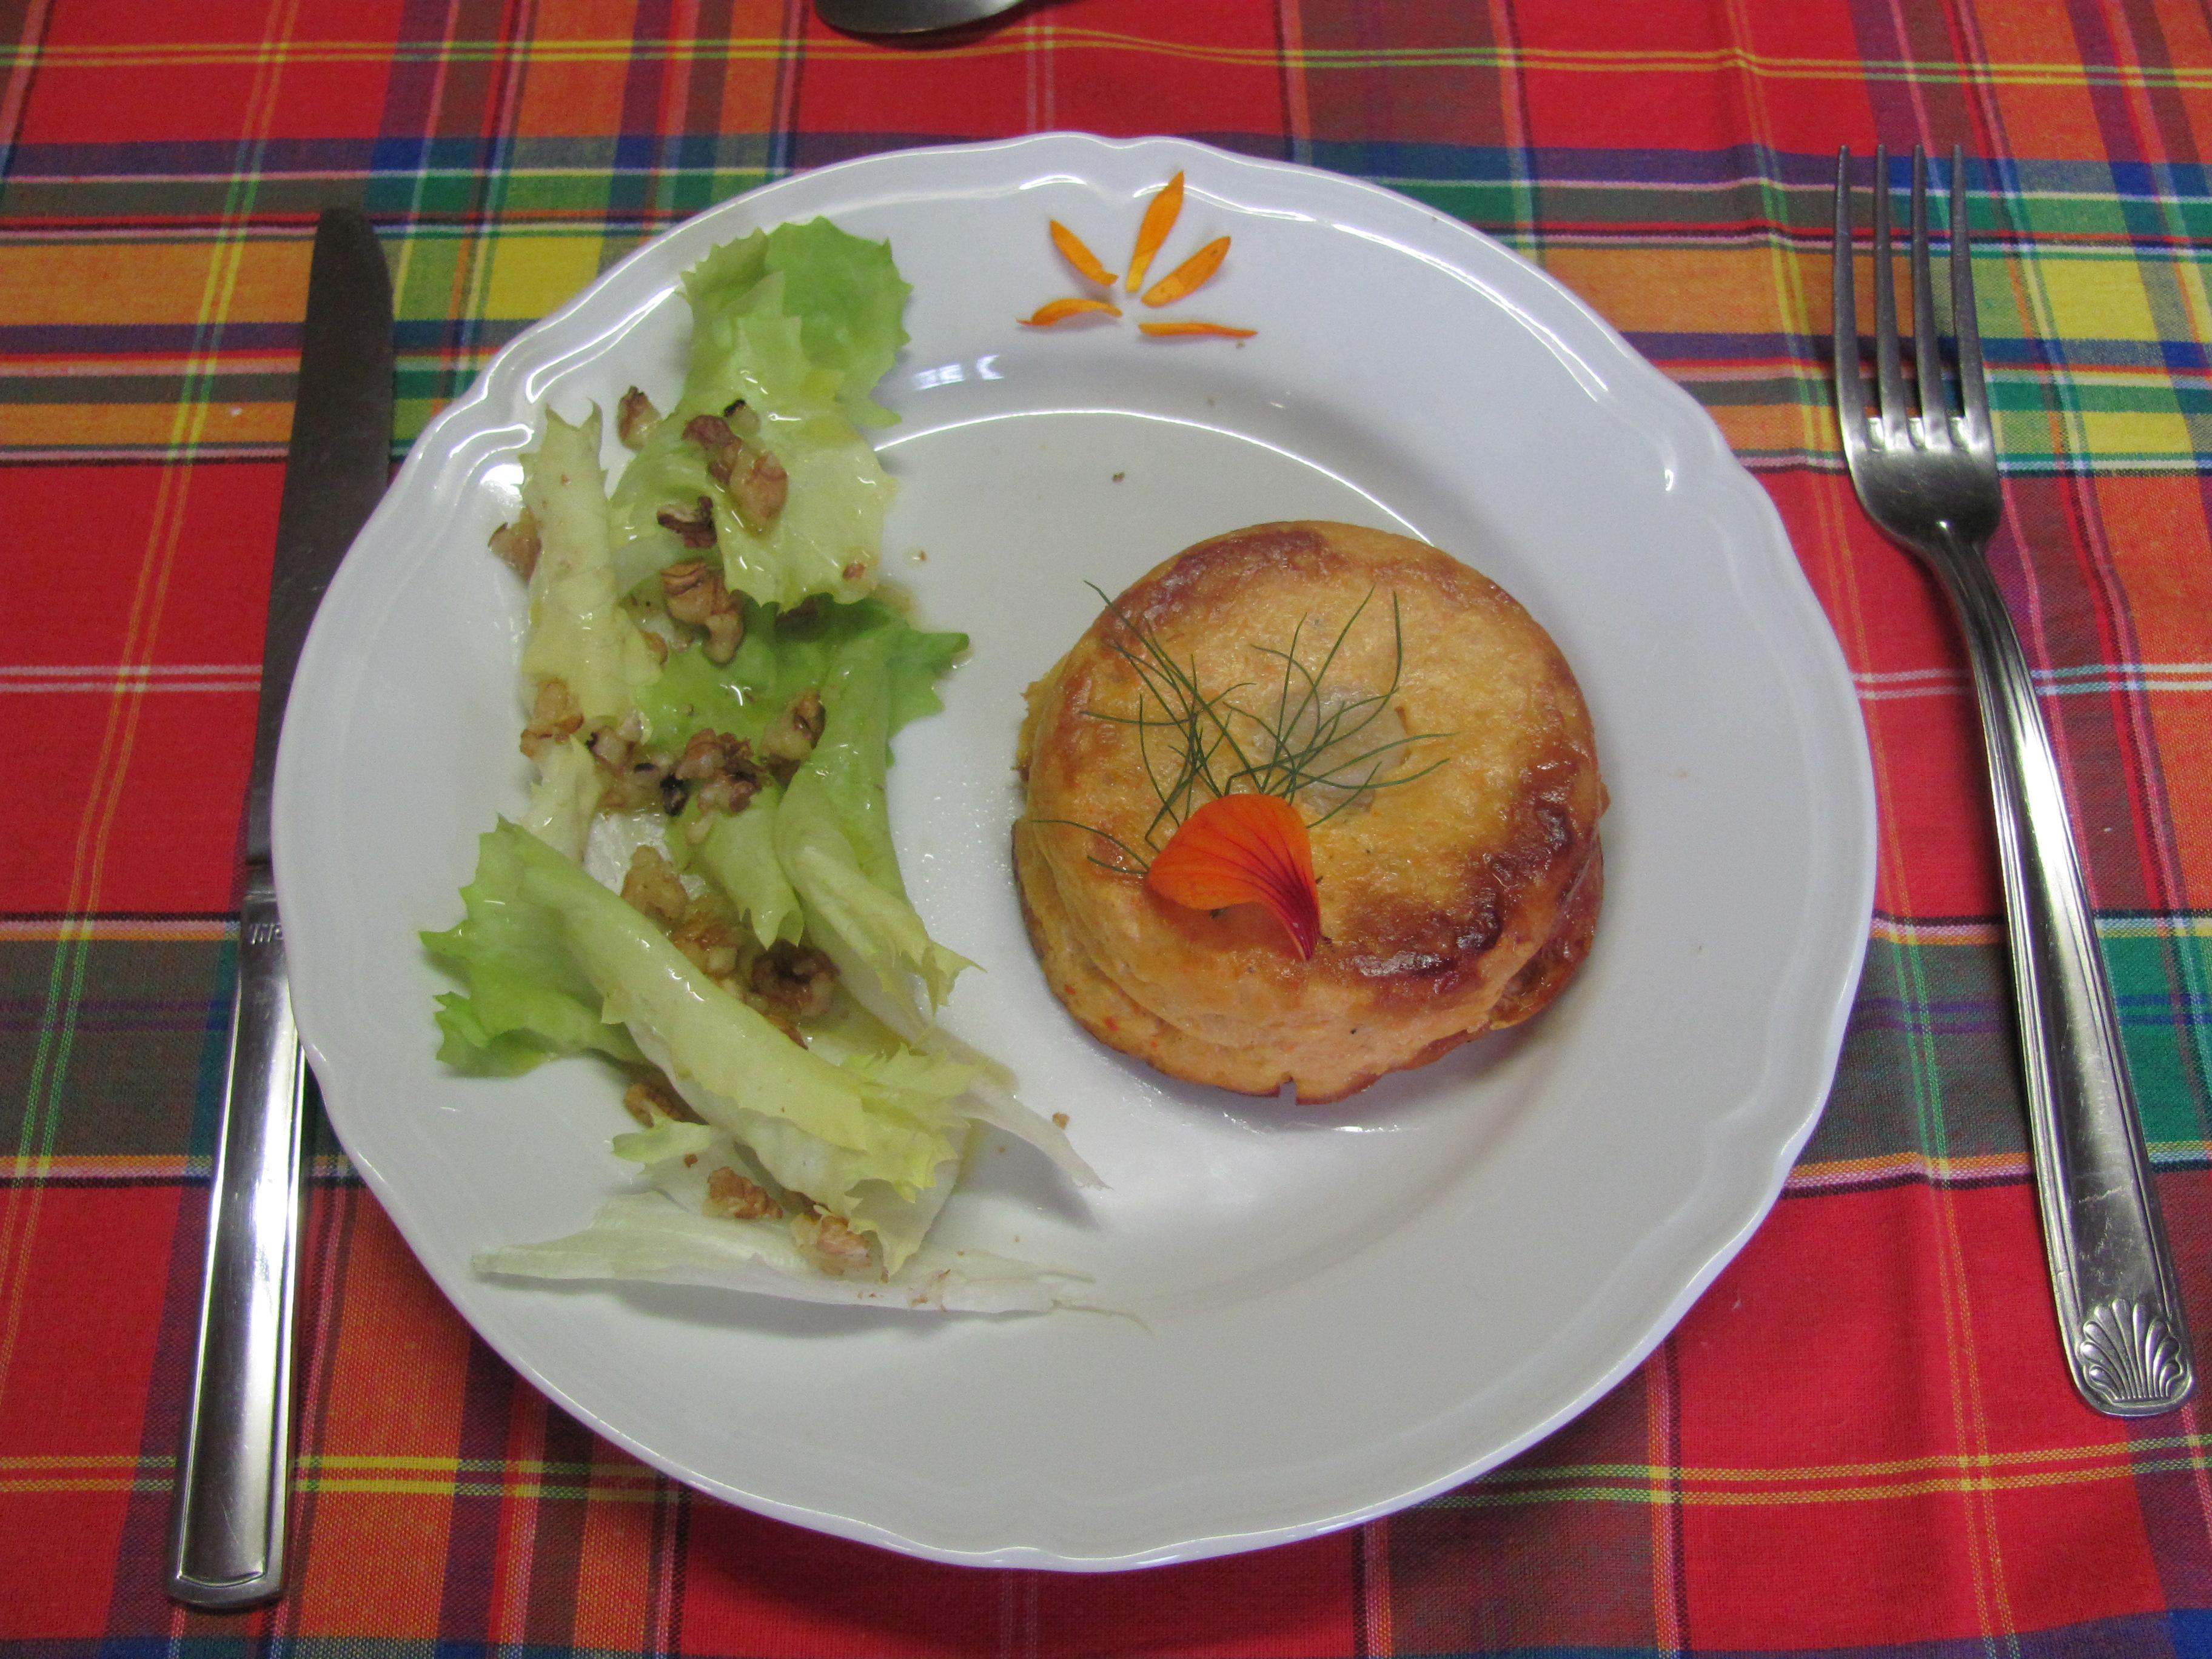 Cours de cuisine gastronomique legere module 6 fleur de bl noir - Cours de cuisine gastronomique ...